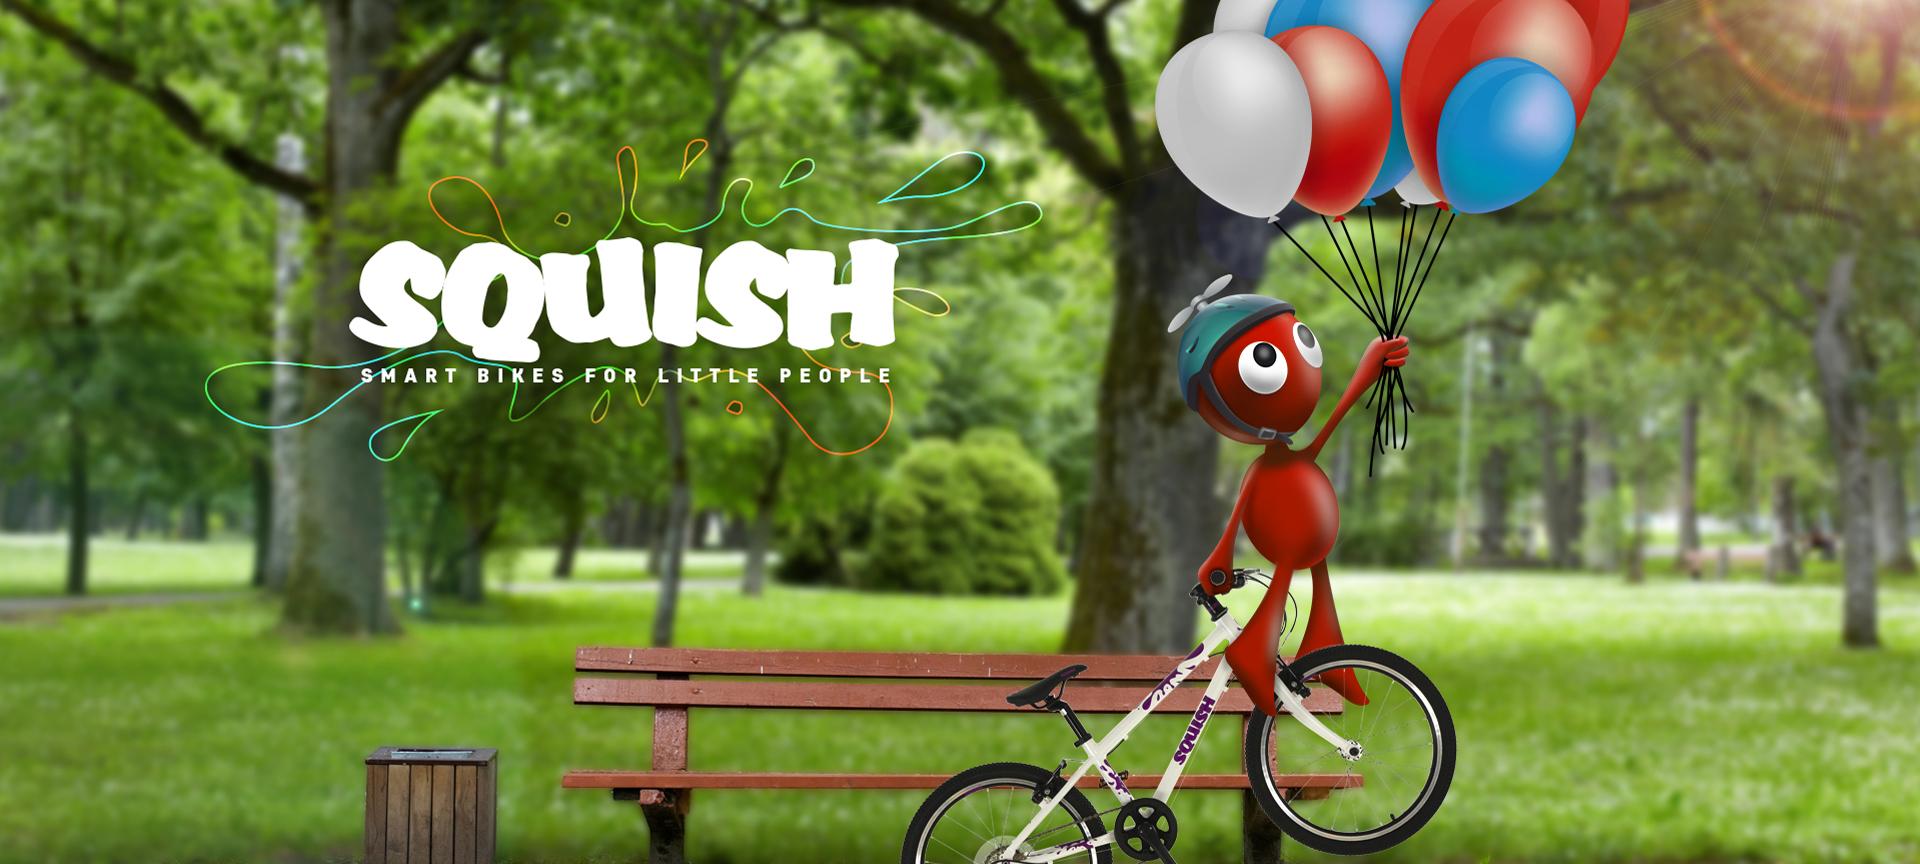 SQUISH Childrens Bikes